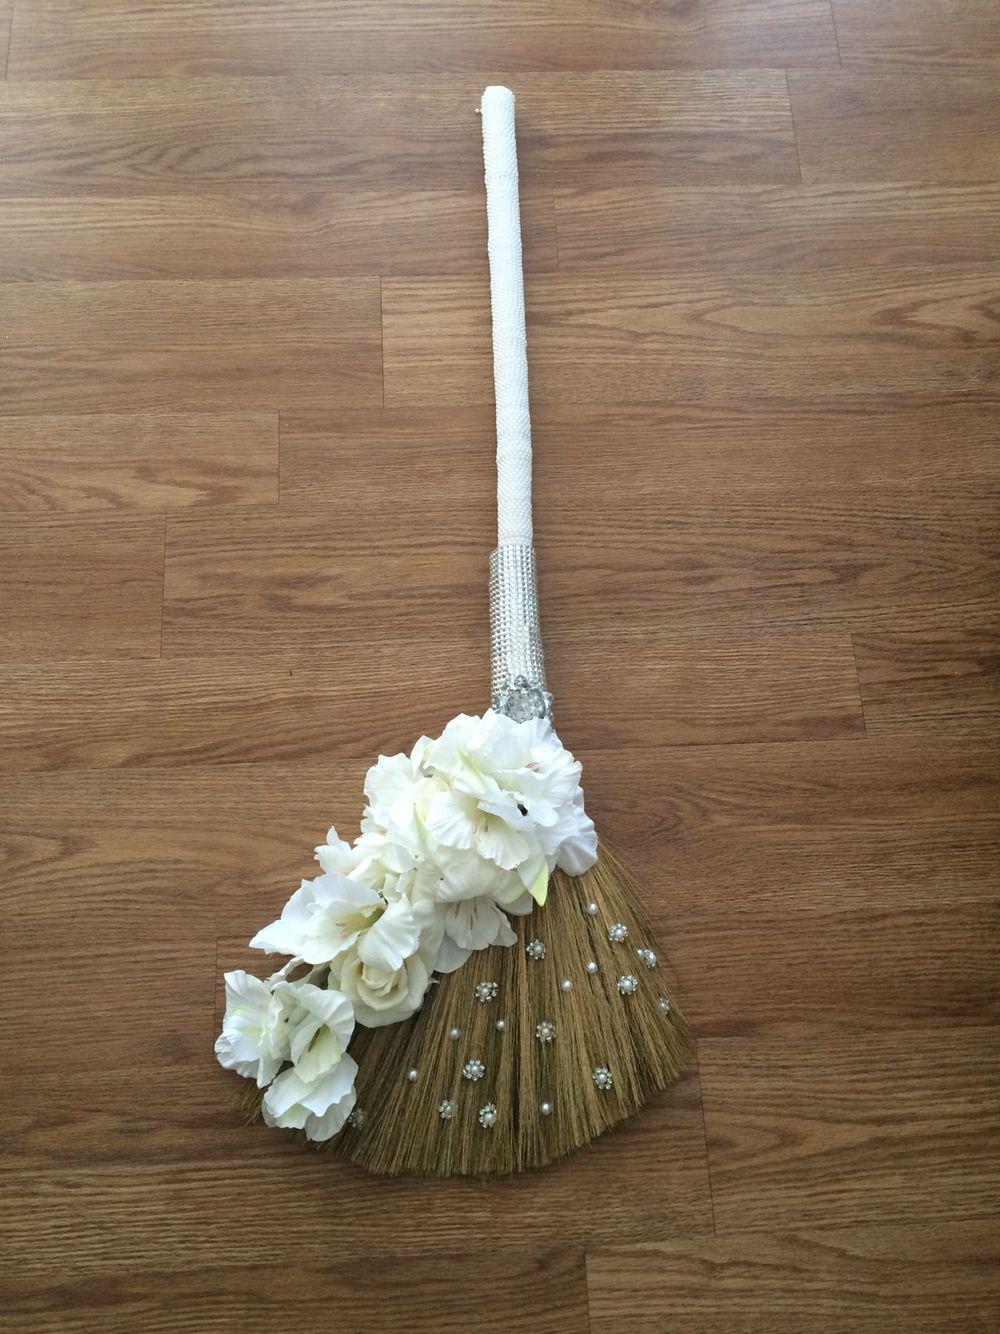 Diy Wedding Broom Wedding Broom Jumping The Broom Cream Wedding